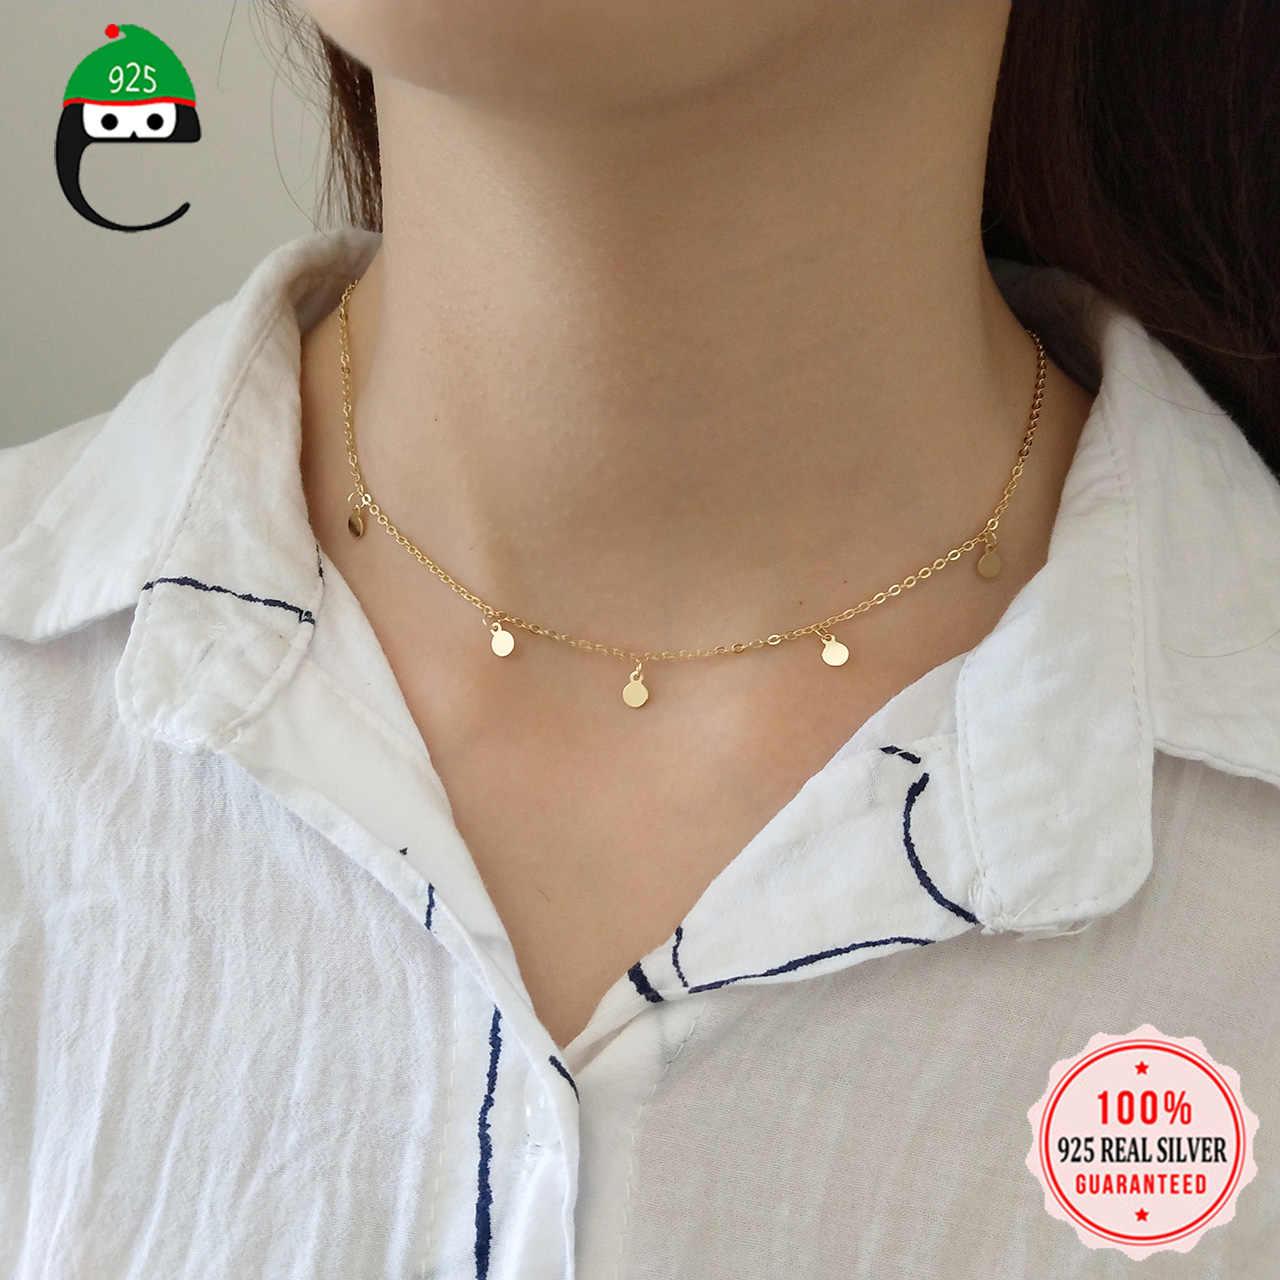 ElfoPlataSi 925 srebro minimalistyczny geometryczny jasny dysk Choker naszyjnik dla kobiet mody 925 biżuteria czechy prezent D332